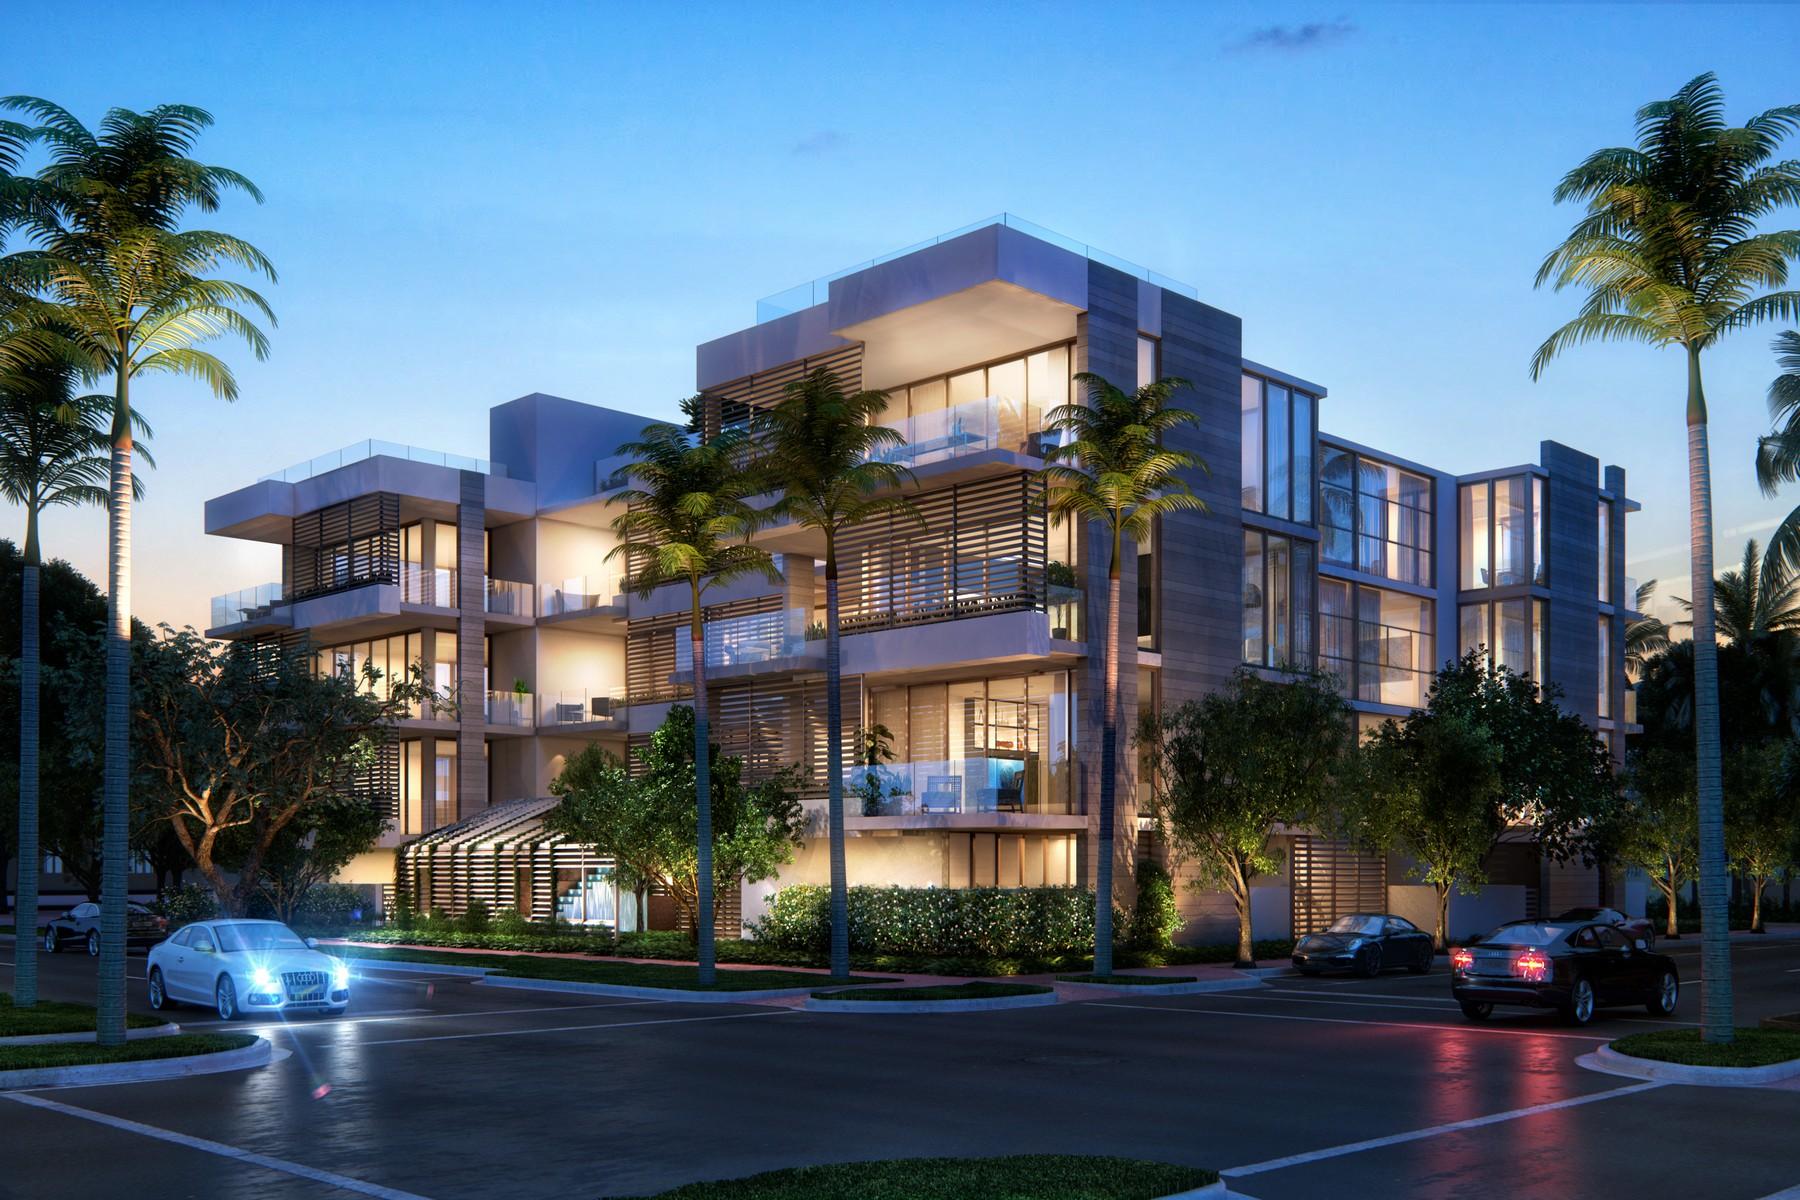 Condomínio para Venda às 311 Merdian Ave #301 Miami Beach, Florida 33139 Estados Unidos